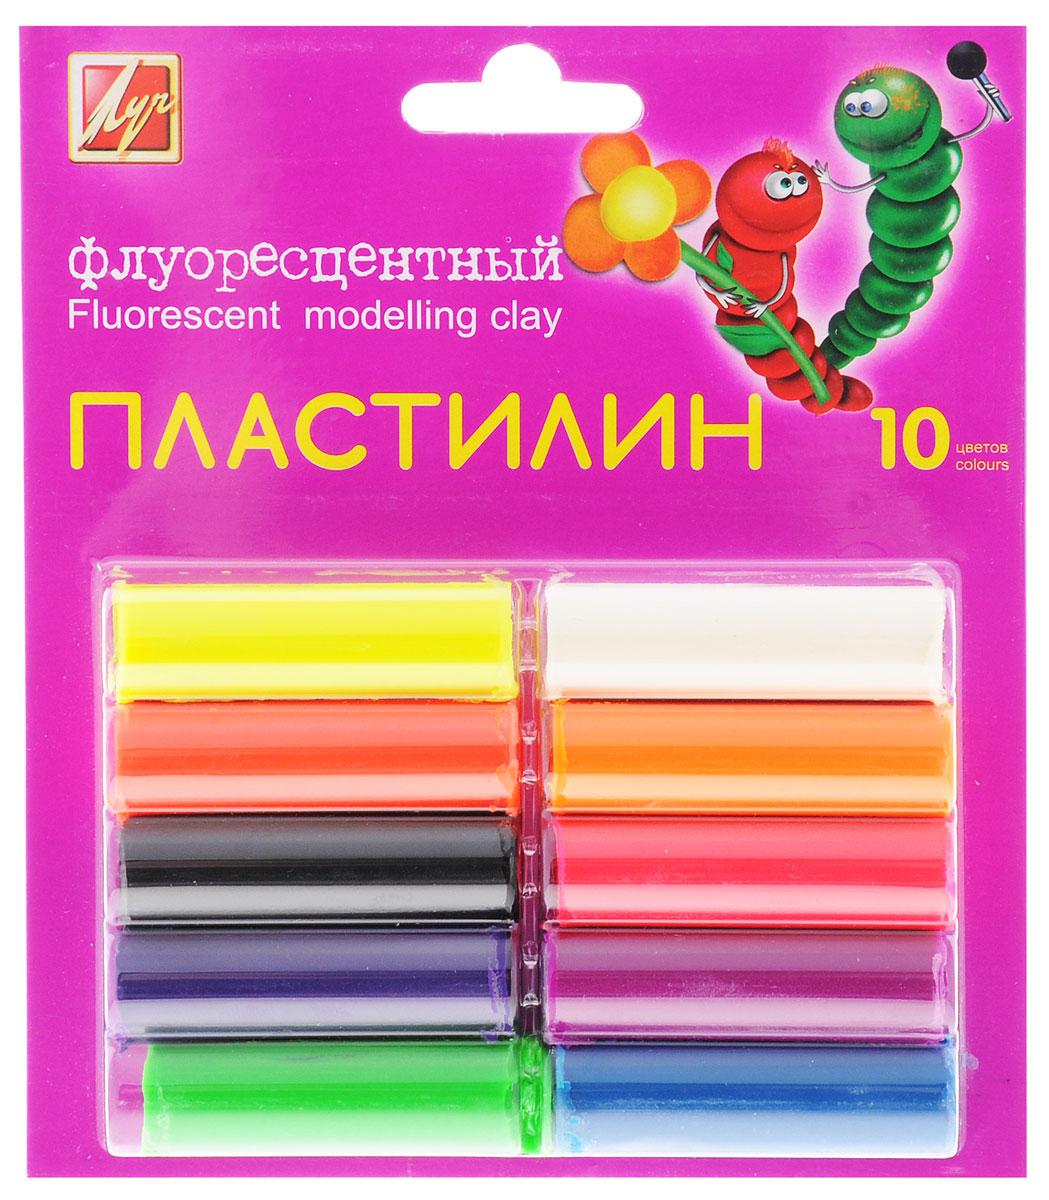 Луч Пластилин флуоресцентный 10 цветов72523WDЦветной флуоресцентный пластилин Луч, предназначенный для лепки и моделирования, поможет ребенку развить творческие способности, воображение и мелкую моторику рук. Пластилин легко формуется, не прилипает к рукам, высоко пластичен, имеет яркие цвета. Пластилин безопасен для здоровья при использовании по назначению.В наборе 10 цветов.